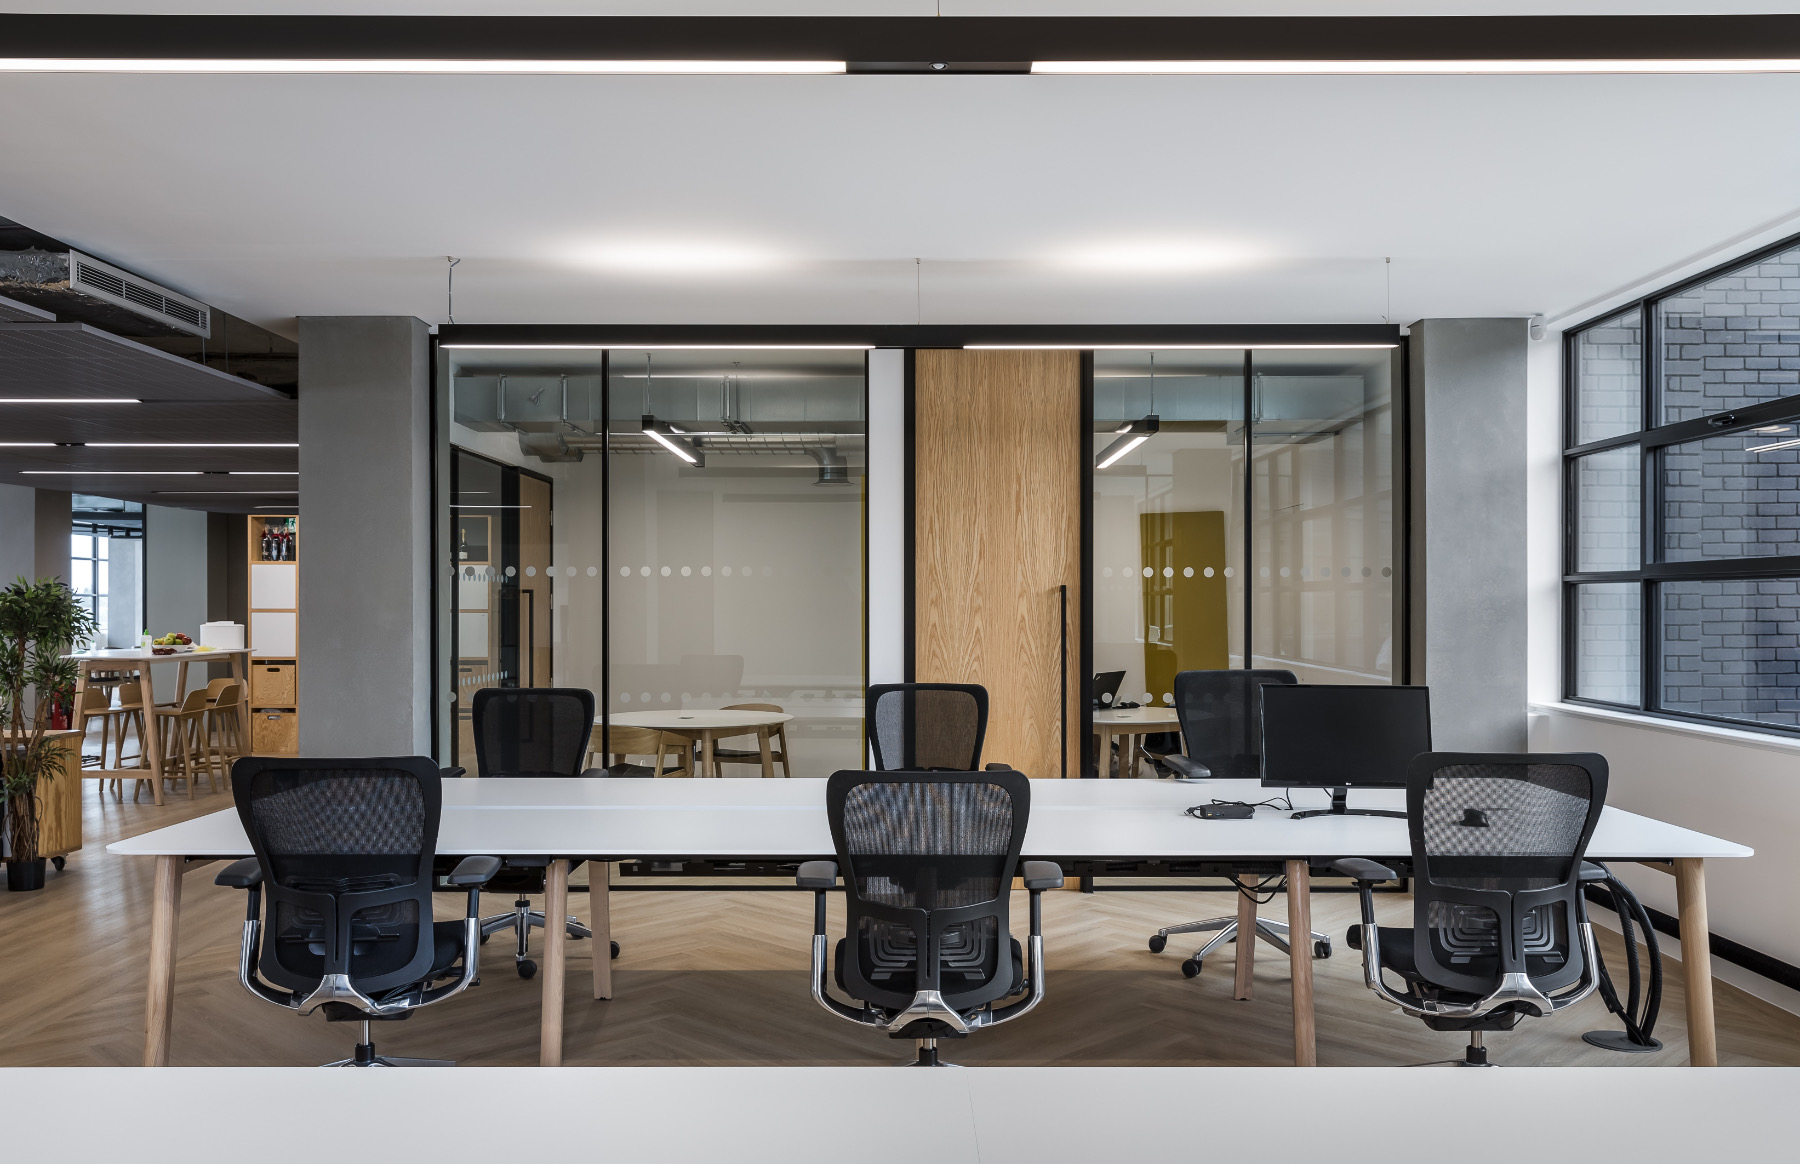 mccglc-london-office-9